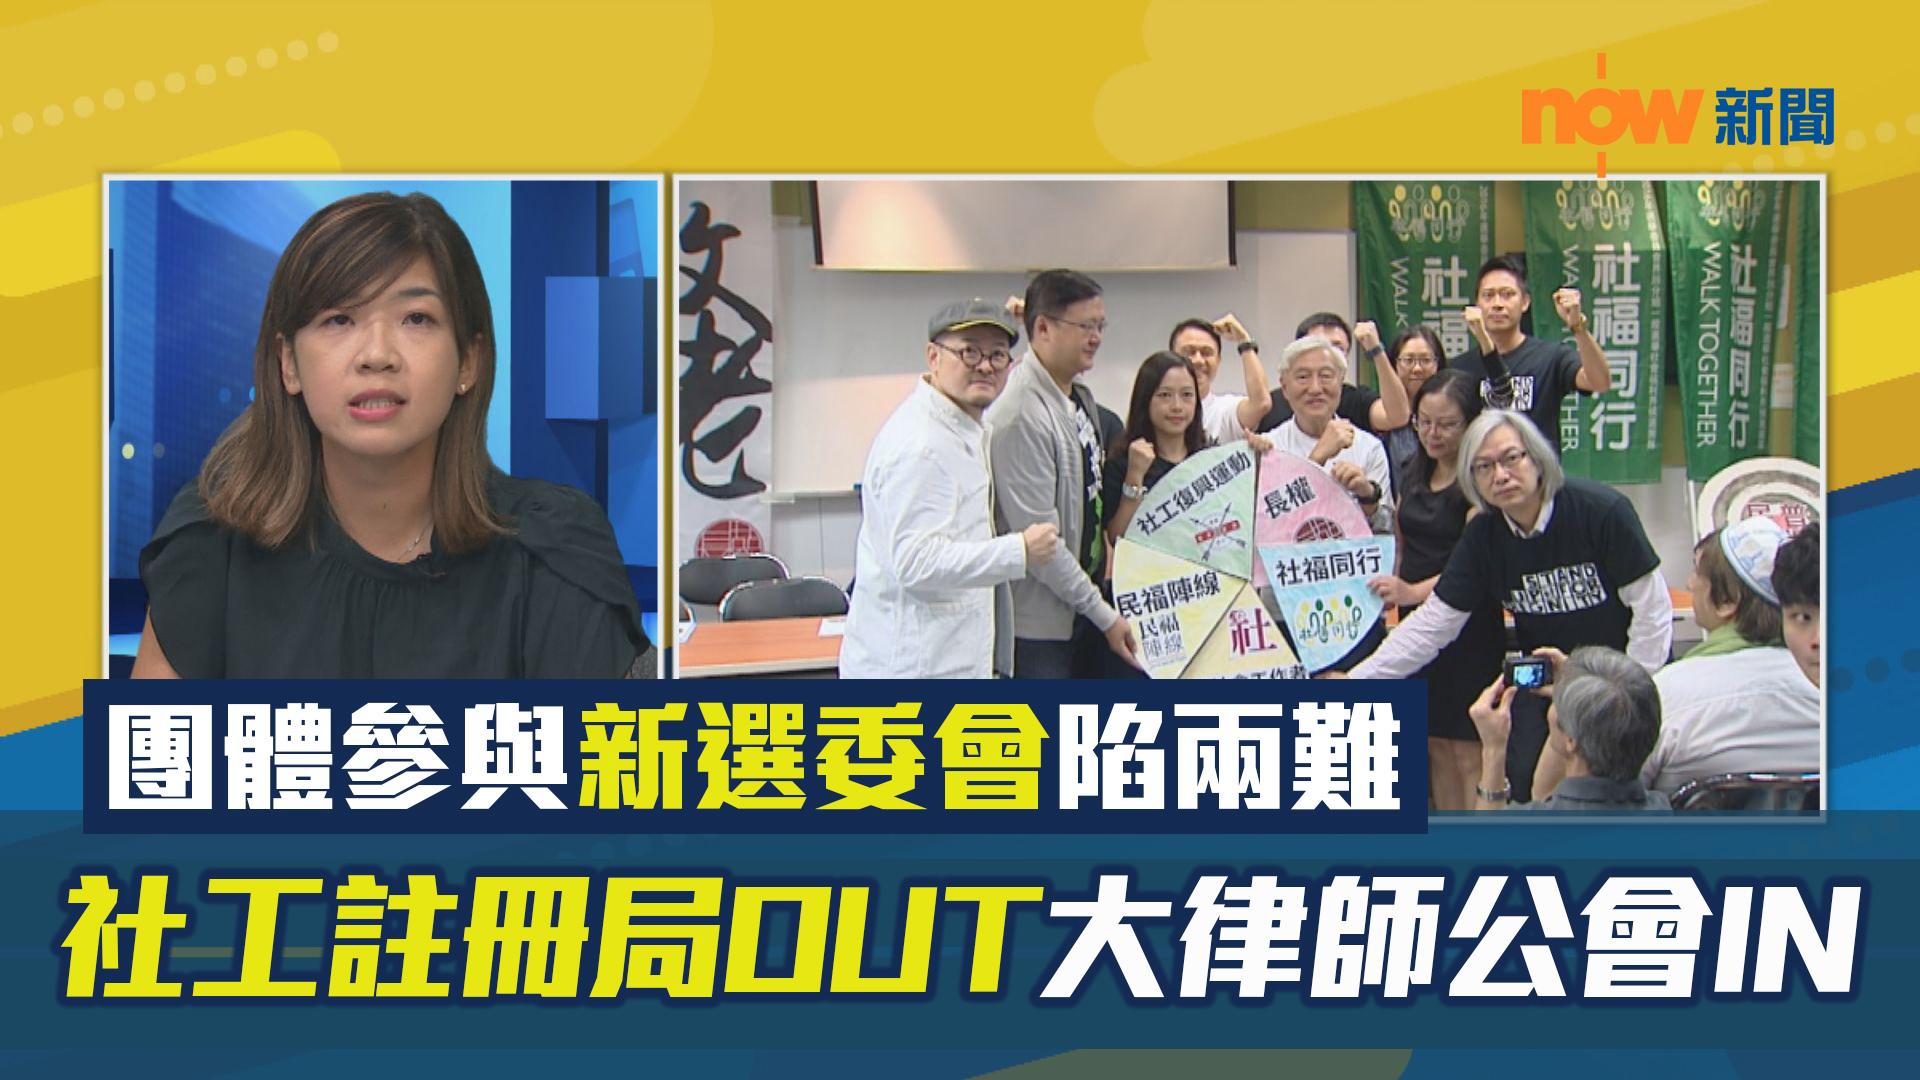 【政情】團體參與新選委會陷兩難 社工註冊局OUT 大律師公會IN